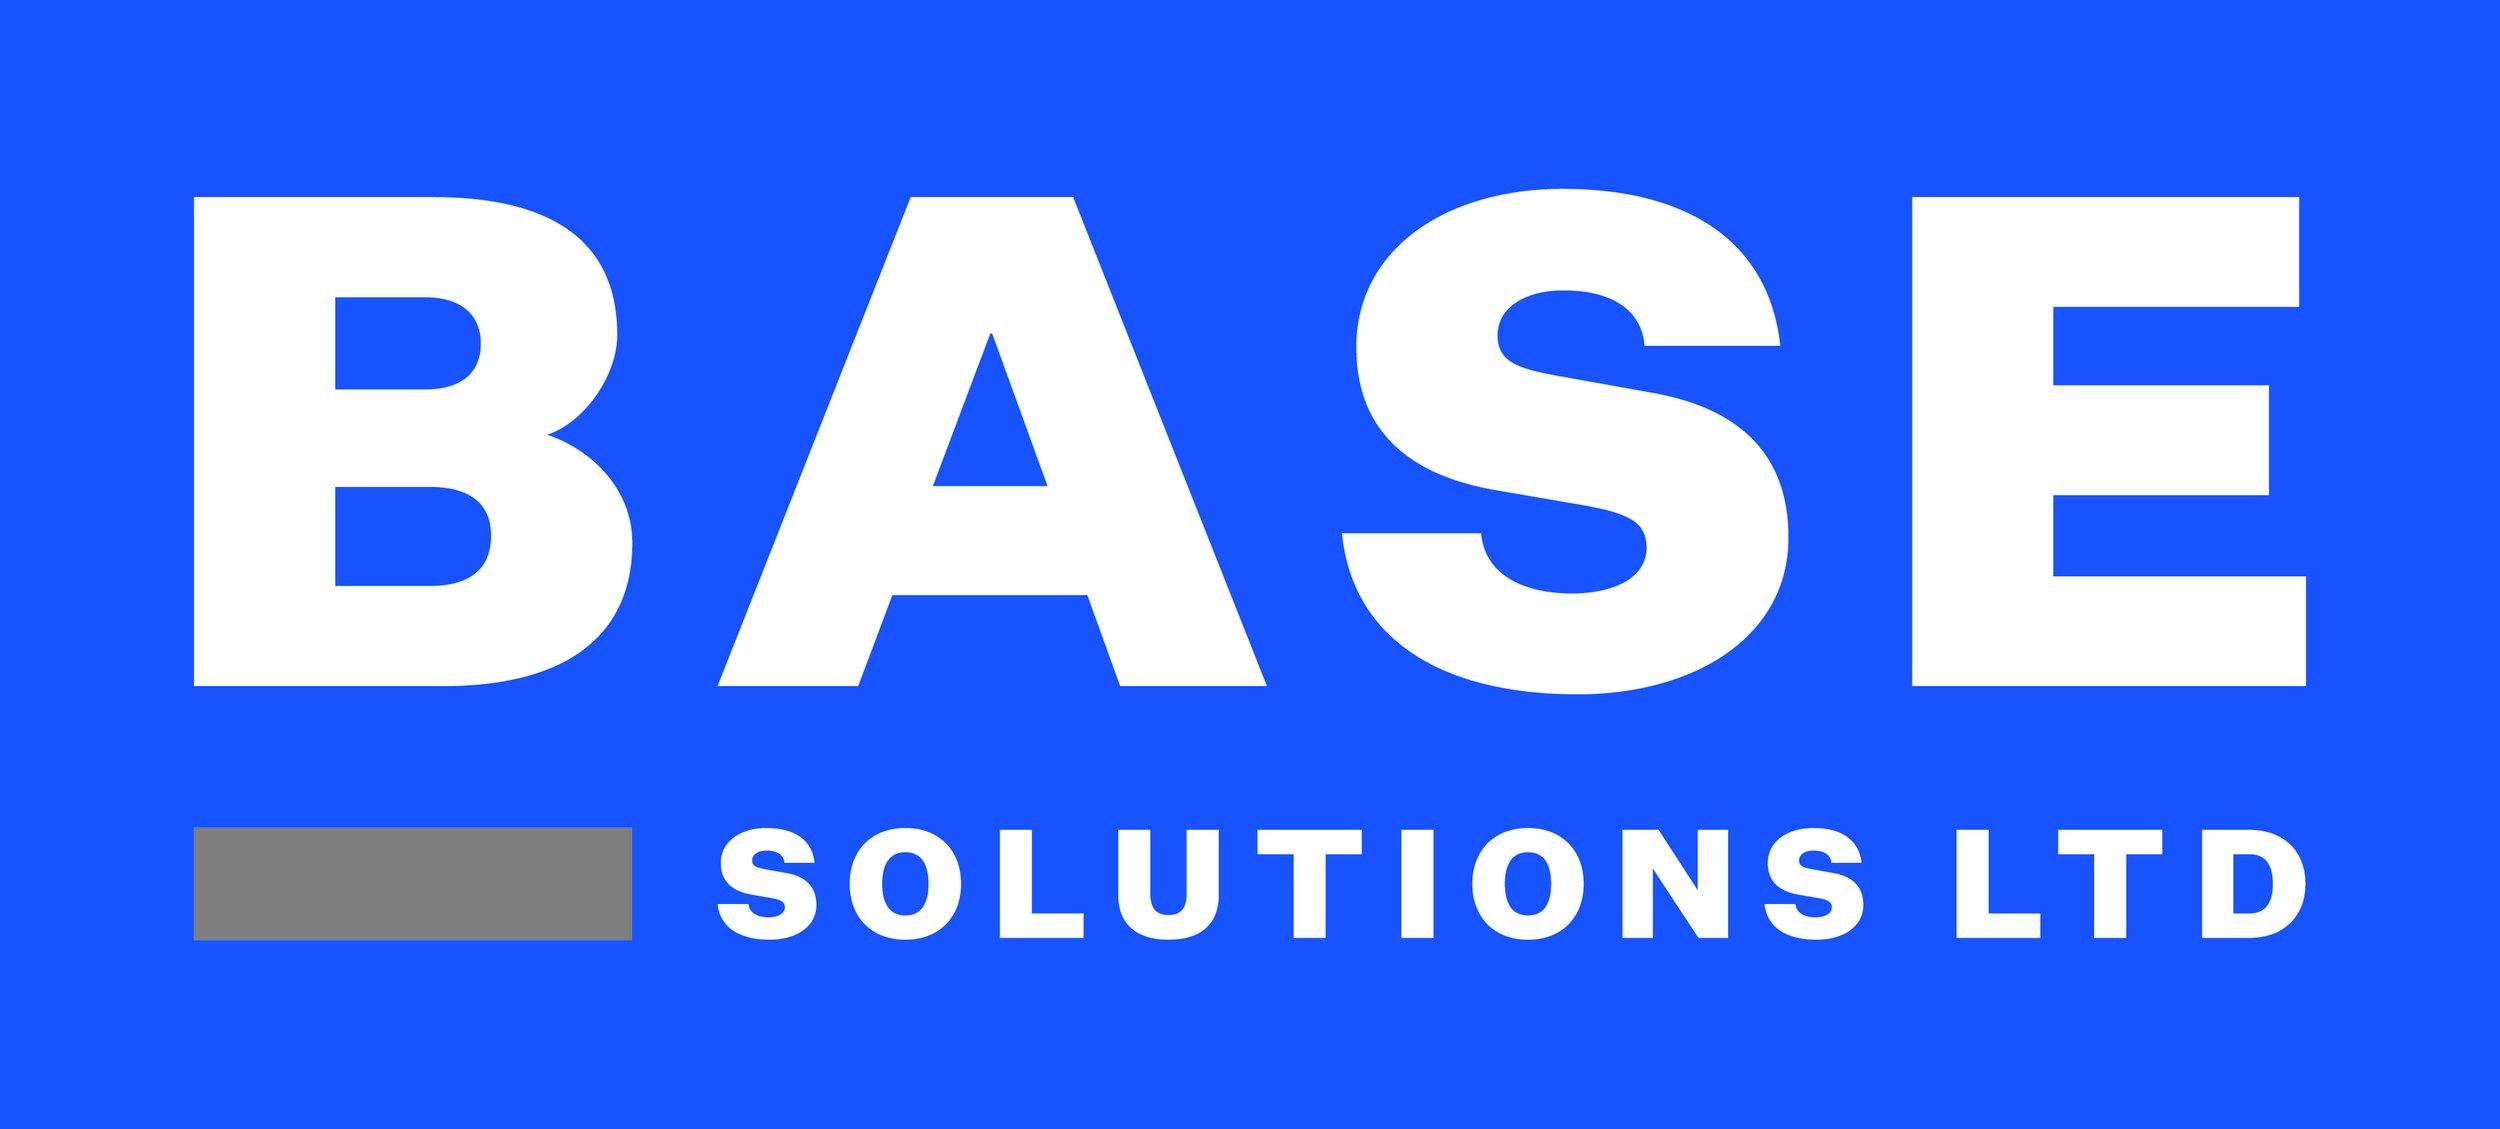 BASE Solutions Ltd logo_reversed.jpg